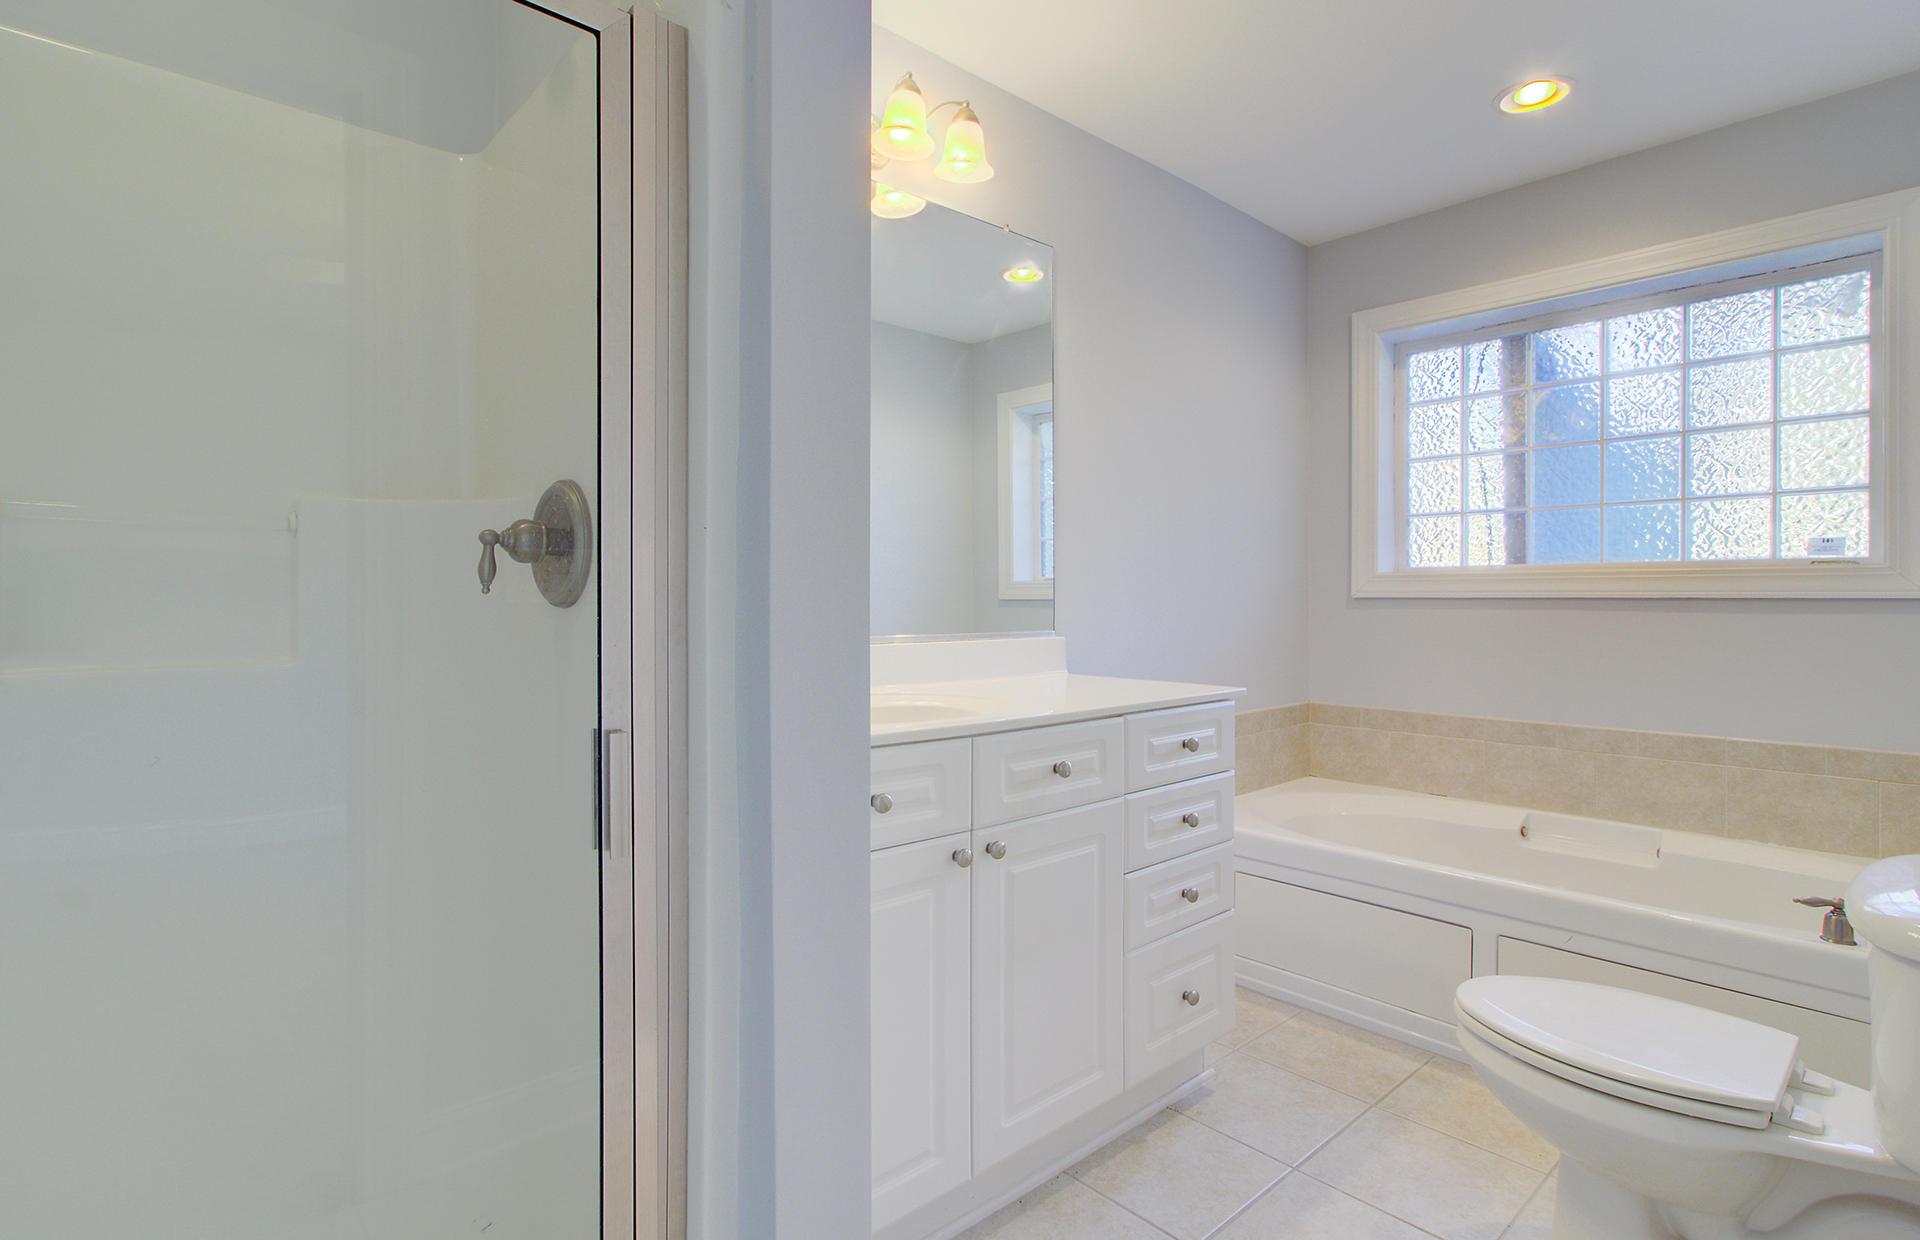 Lake Palmetto Homes For Sale - 4904 Lake Palmetto, North Charleston, SC - 15